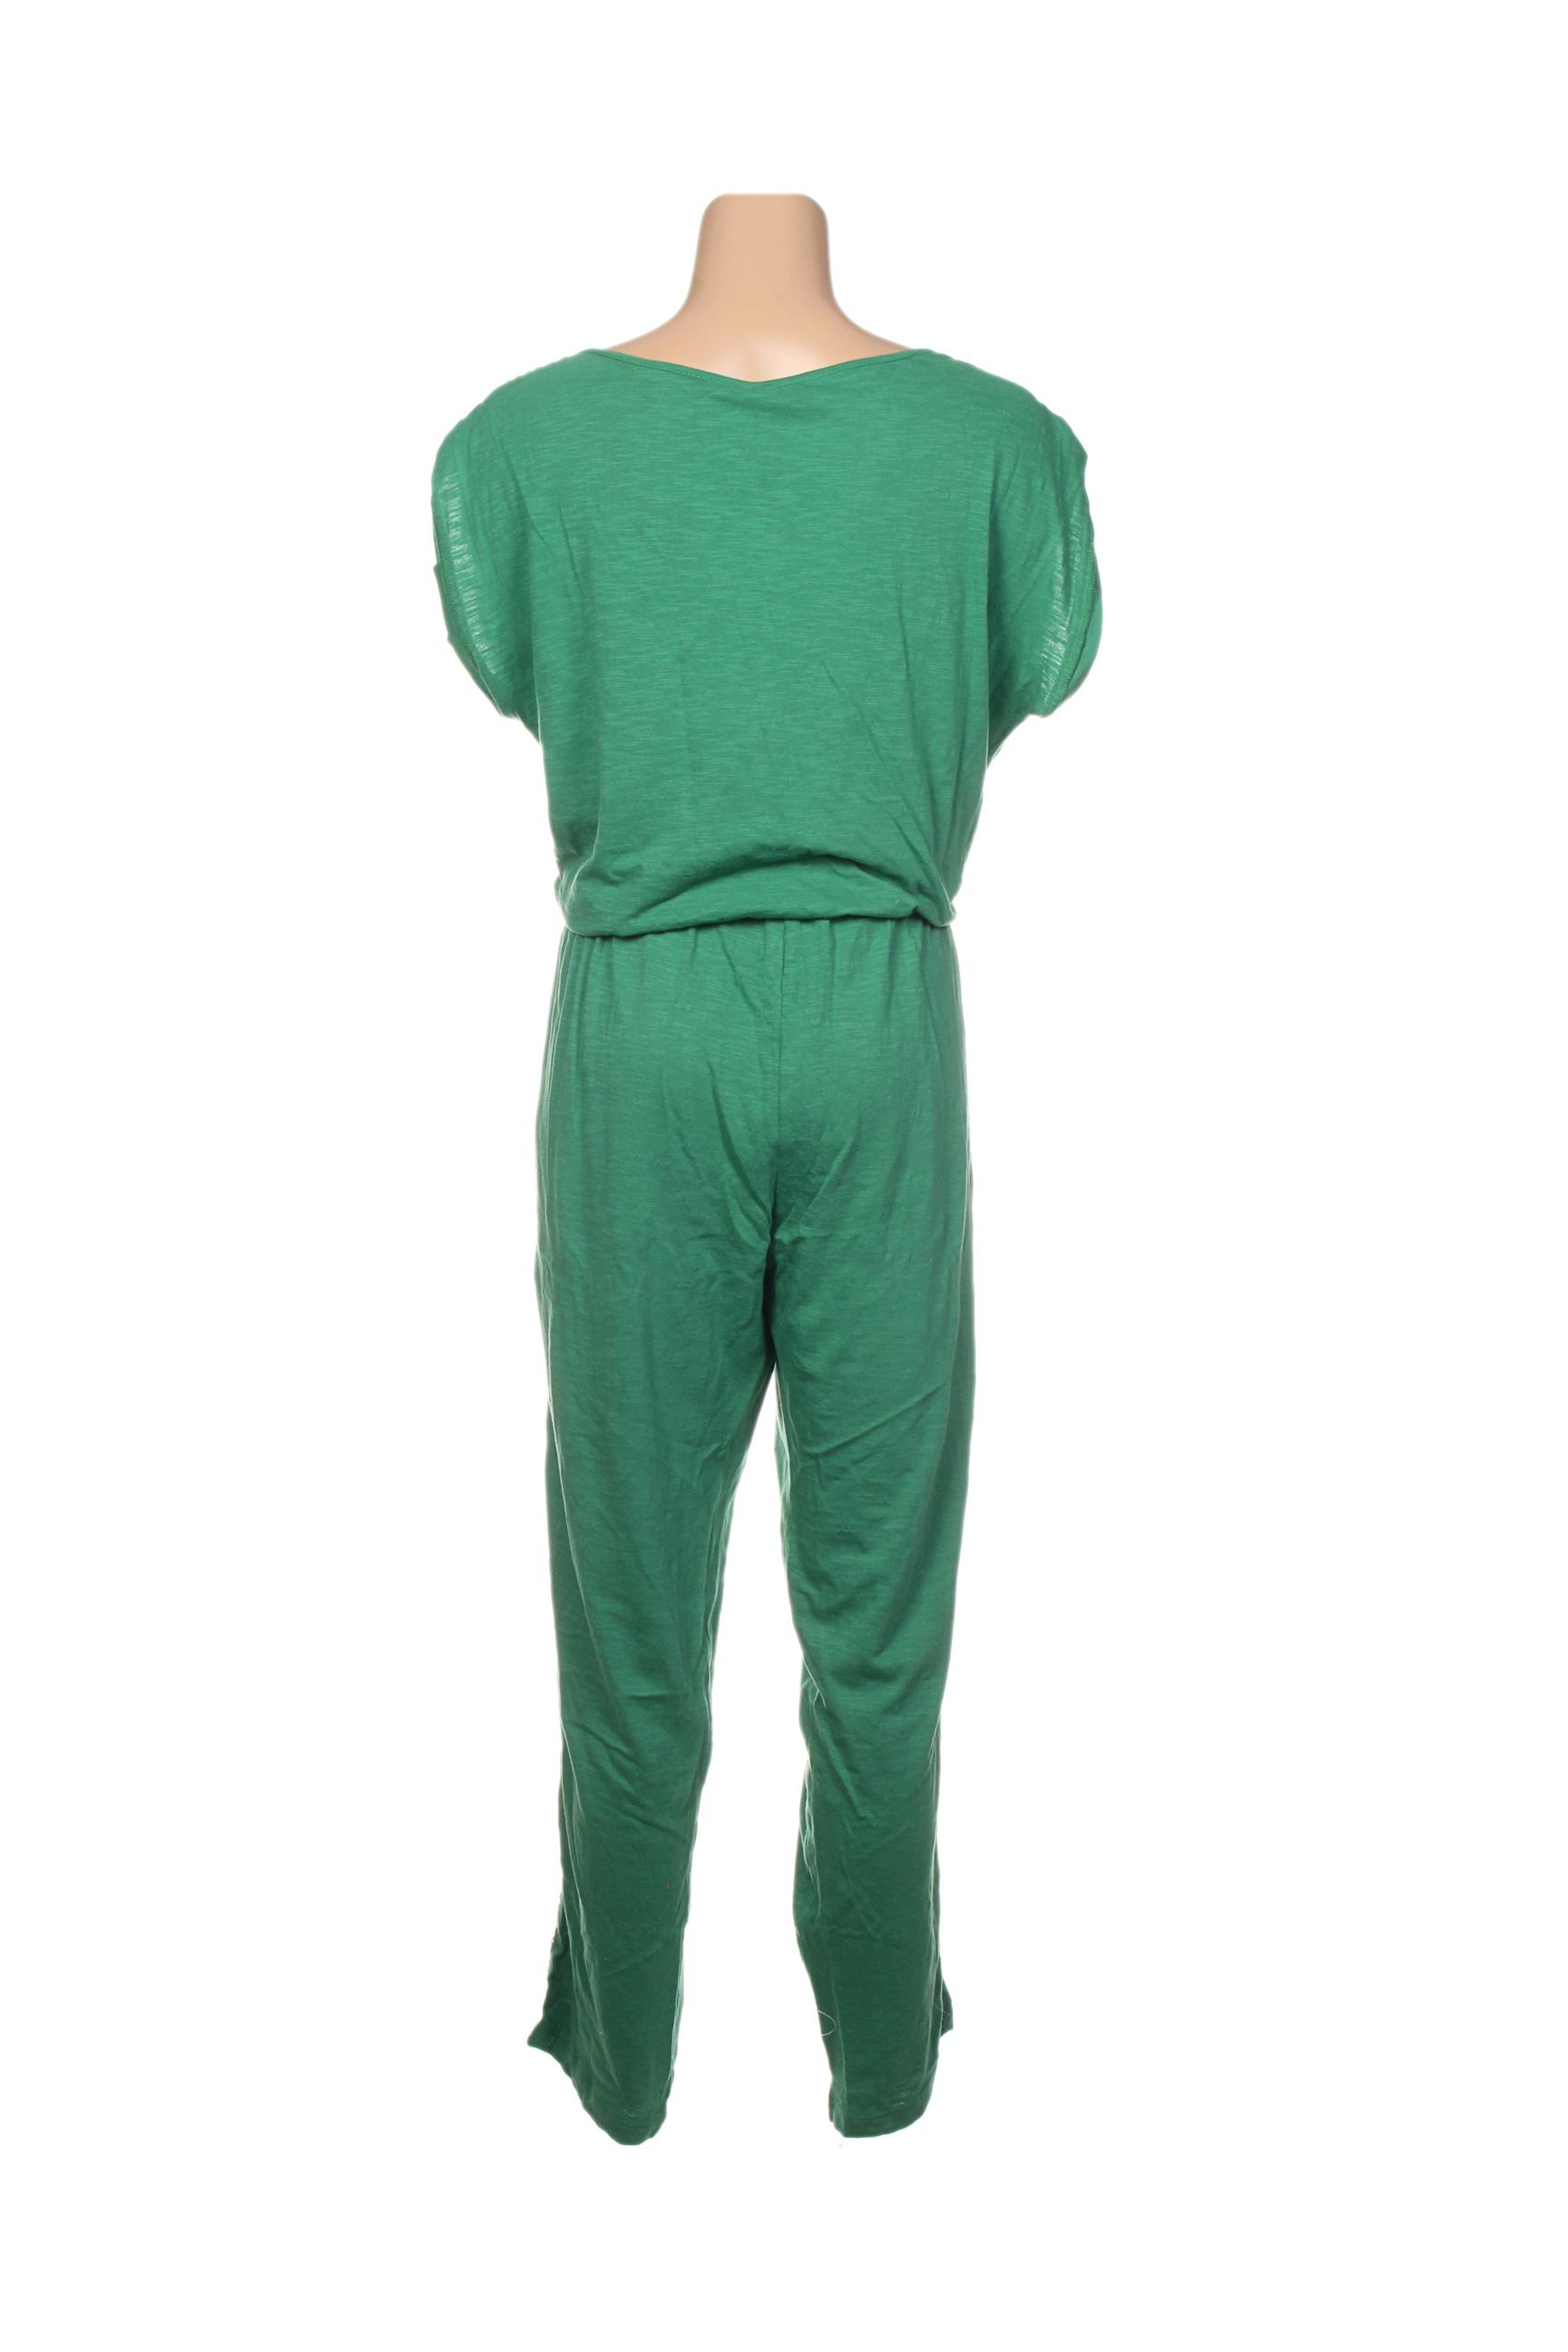 Tranquillo Combinaisons 1 Femme De Couleur Vert En Soldes Pas Cher 1388436-vert00